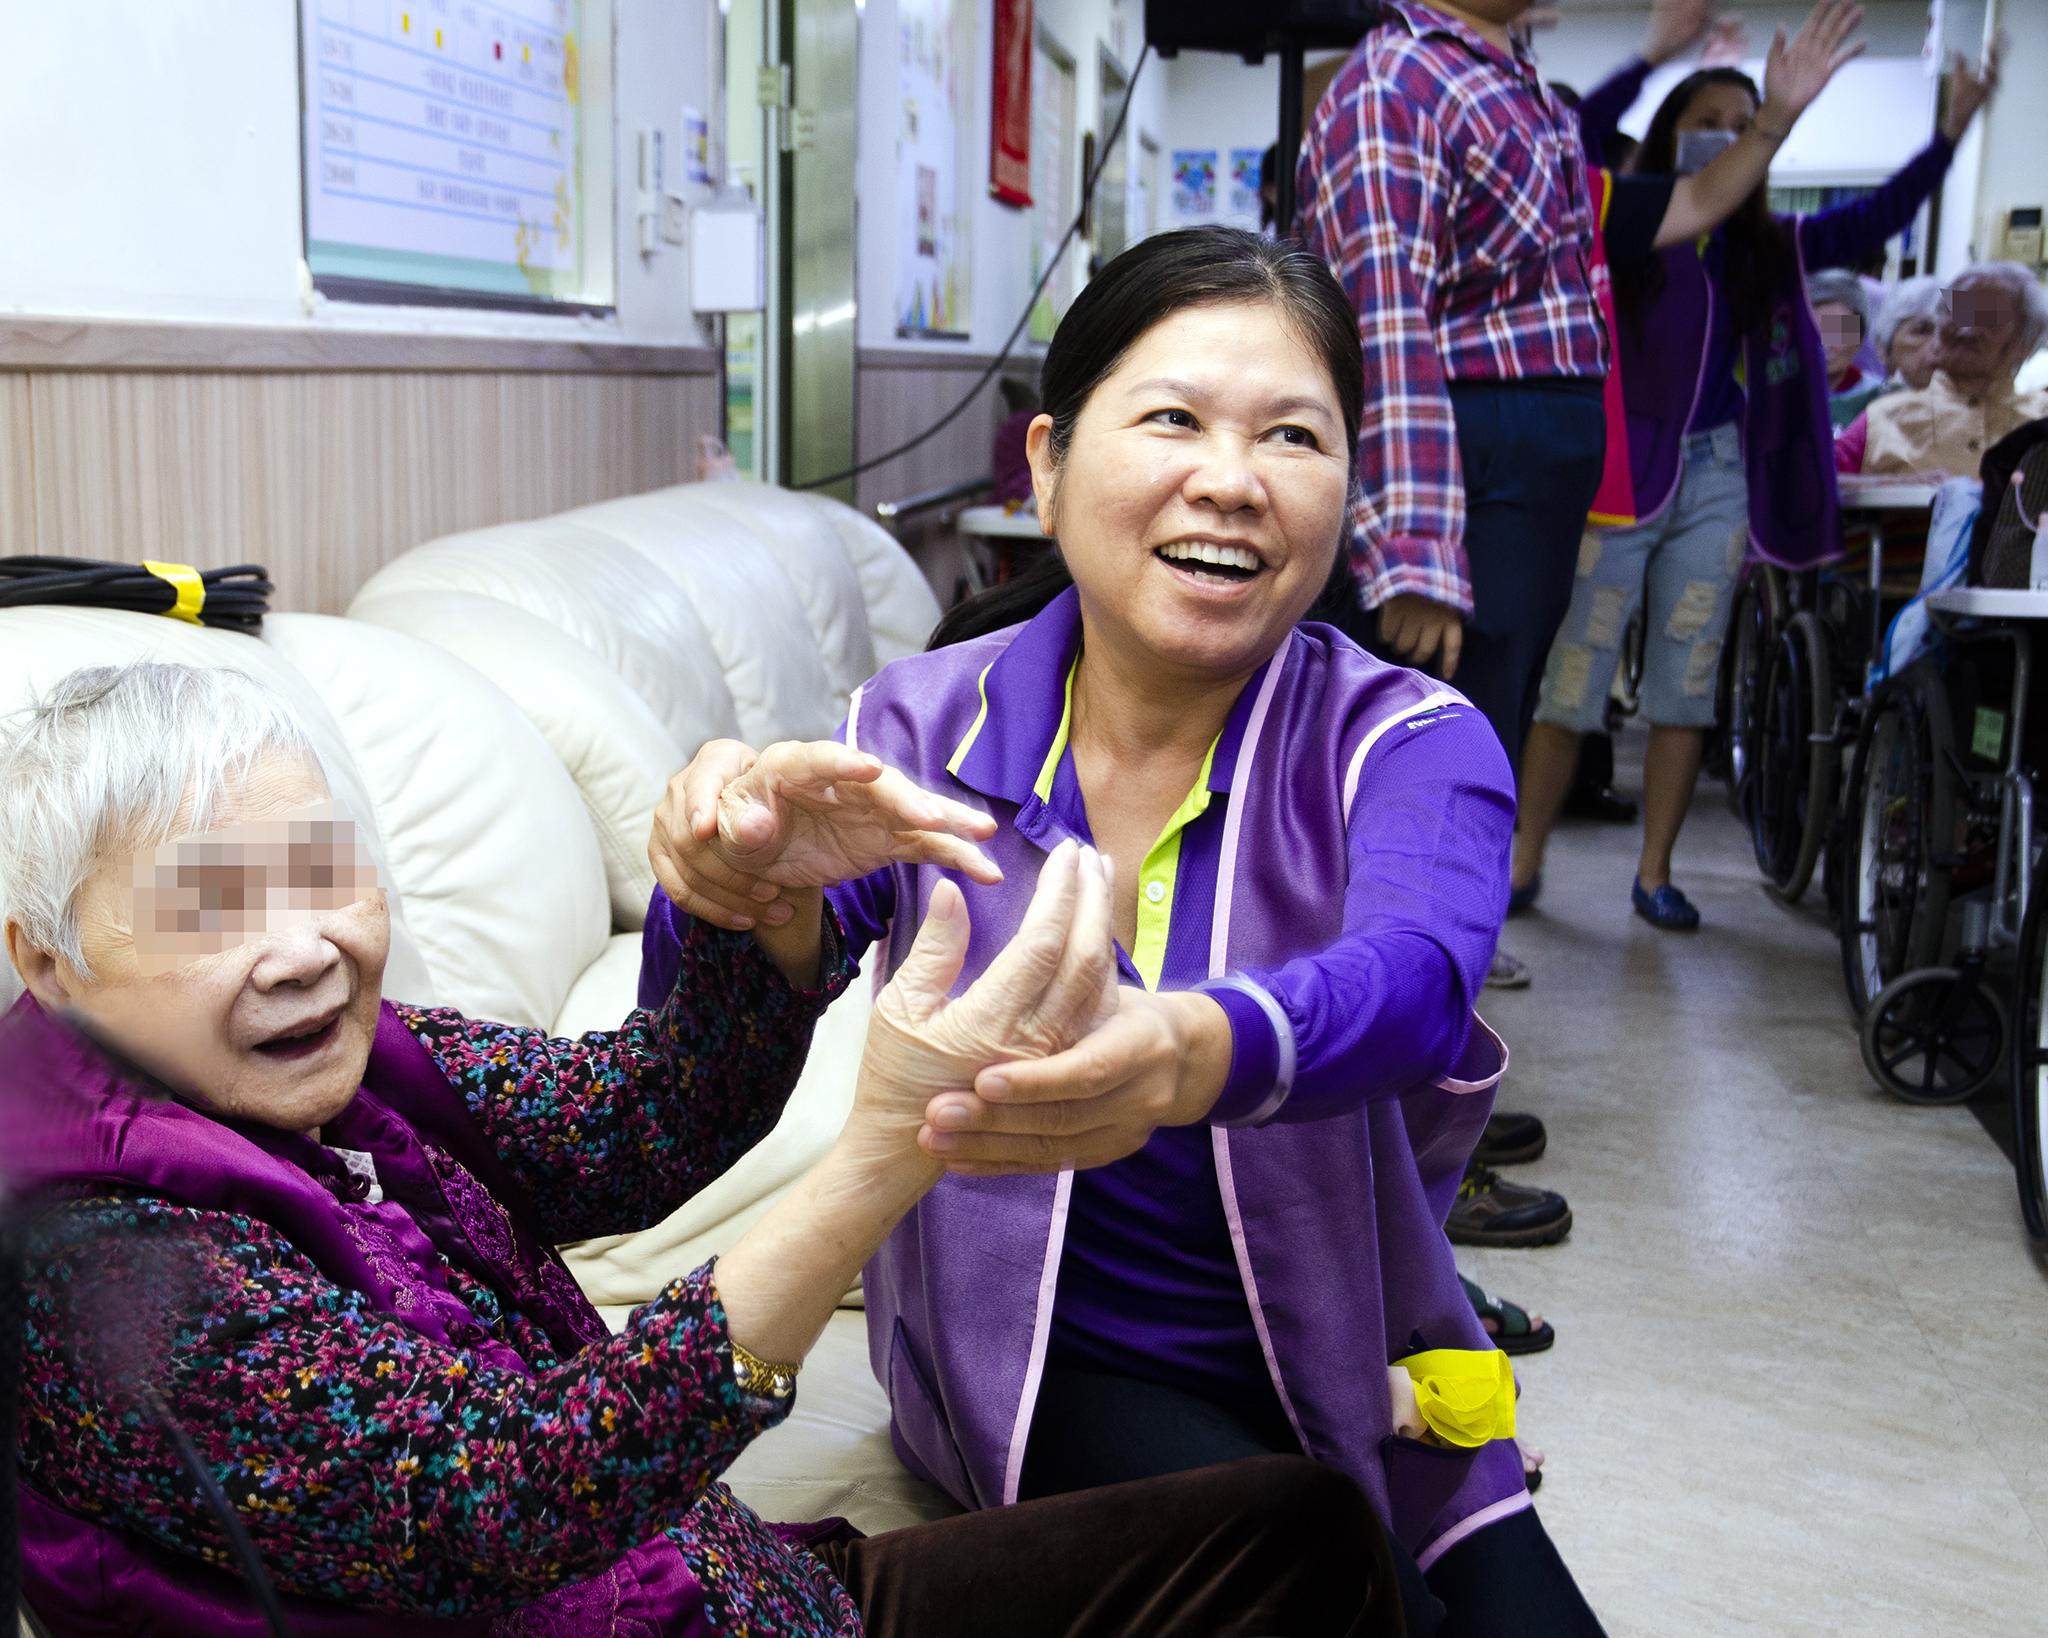 永達志工協助長輩跟著音樂舉手舞動。